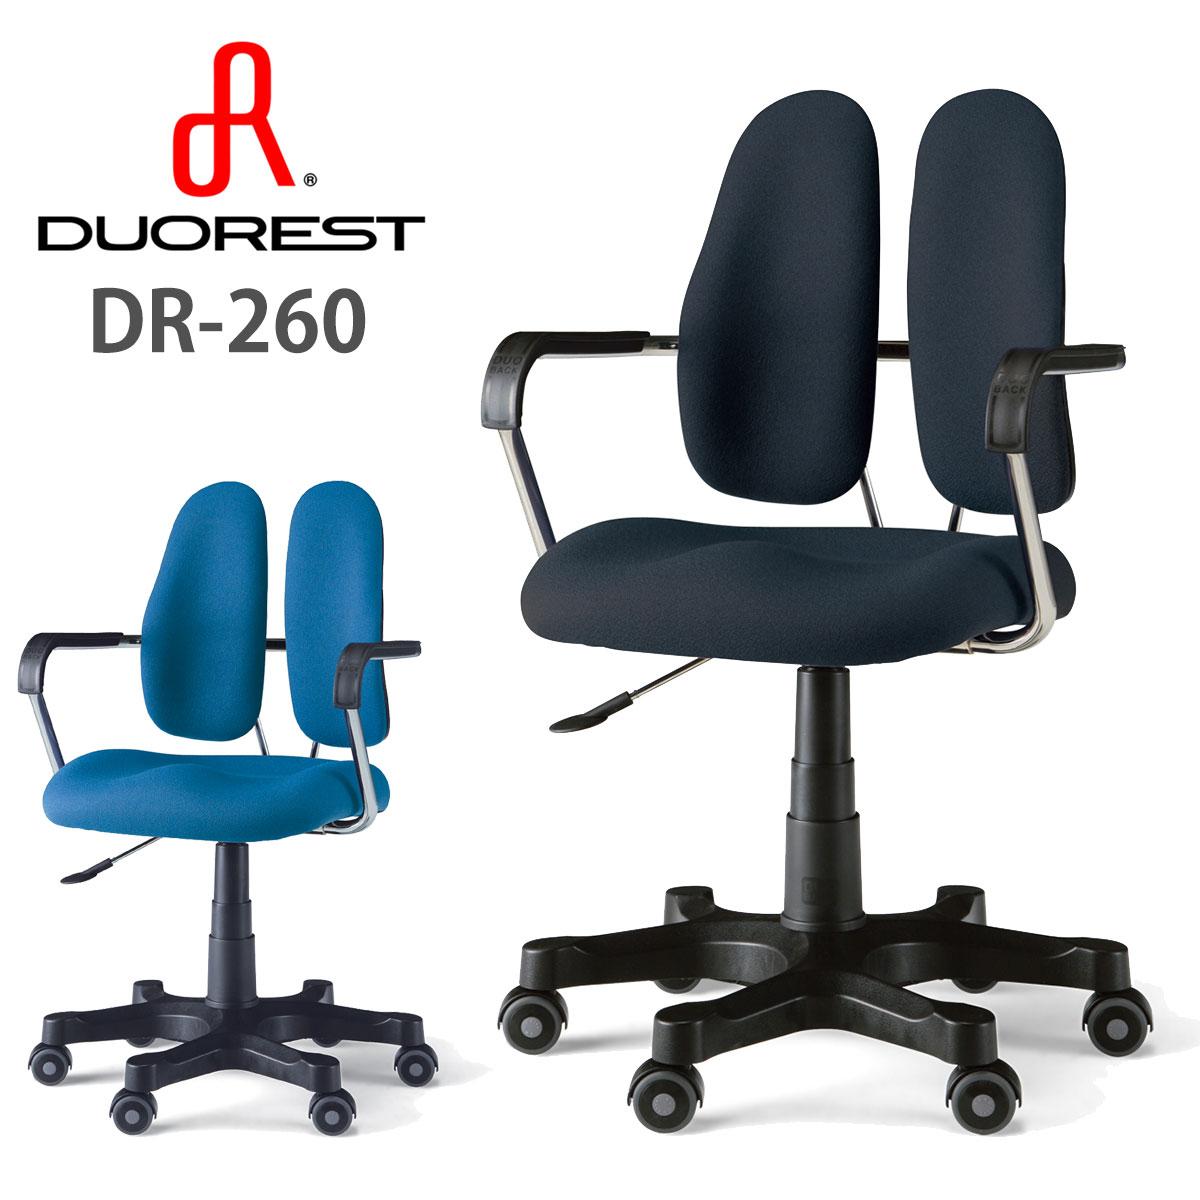 デュオレスト ビジネス 疲れにくい オフィスチェア 腰痛対策 DR-260 ブラック 黒 ブラック 黒 【送料無料】